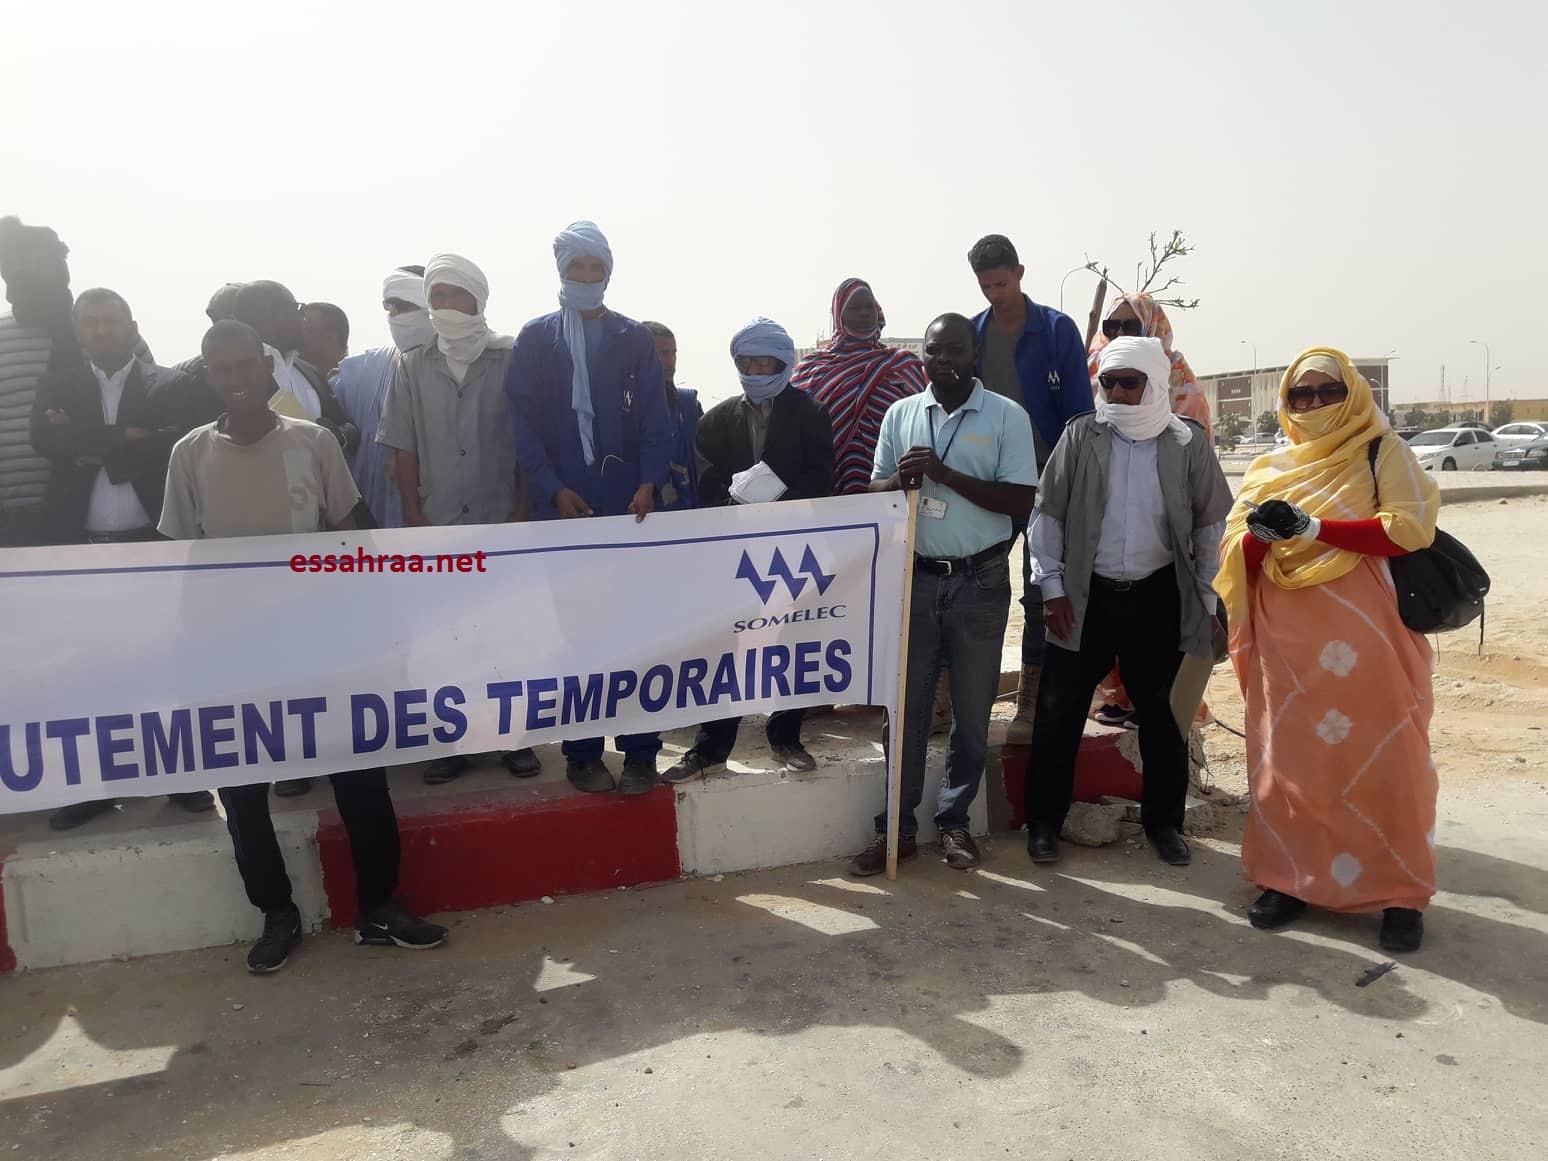 عمال صوملك يطالبون بالاكتتاب